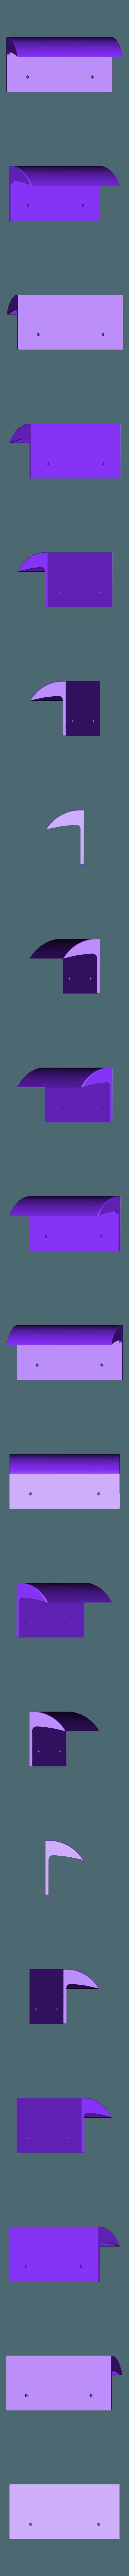 Prot%C3%A8ge_sonnerie.STL Télécharger fichier STL gratuit Couvercle de sonnette / auvent de porte • Design imprimable en 3D, Mathieu_BZH